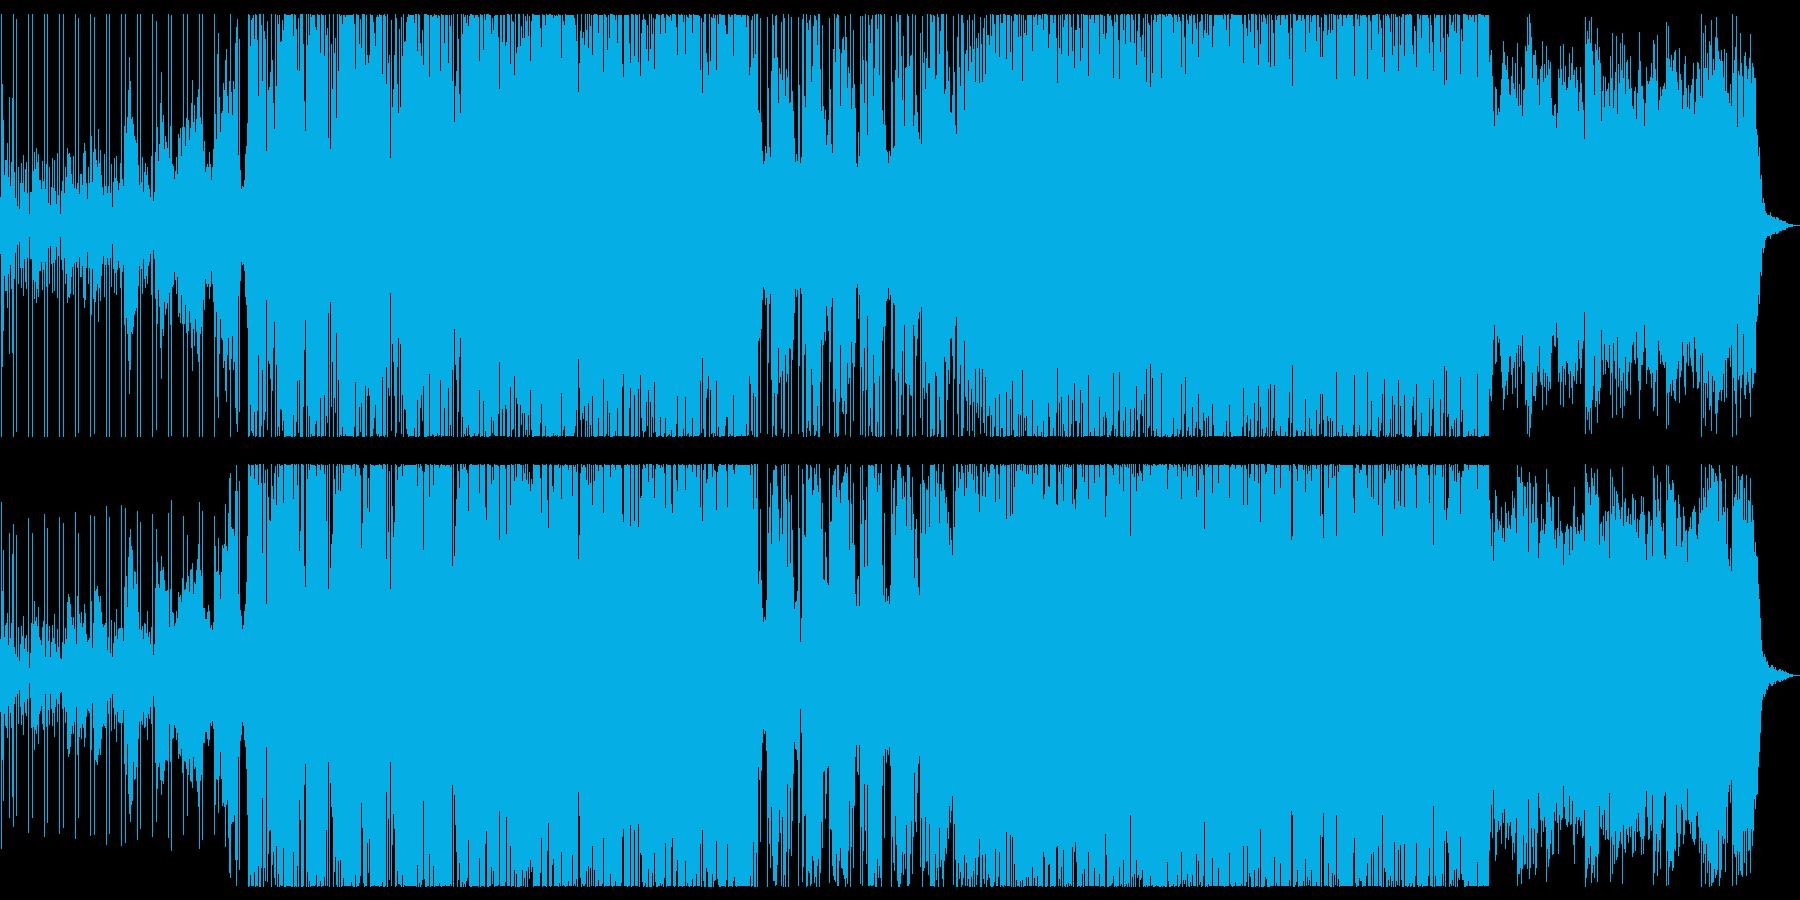 しっとりとしたハーフタイムドラムンベースの再生済みの波形